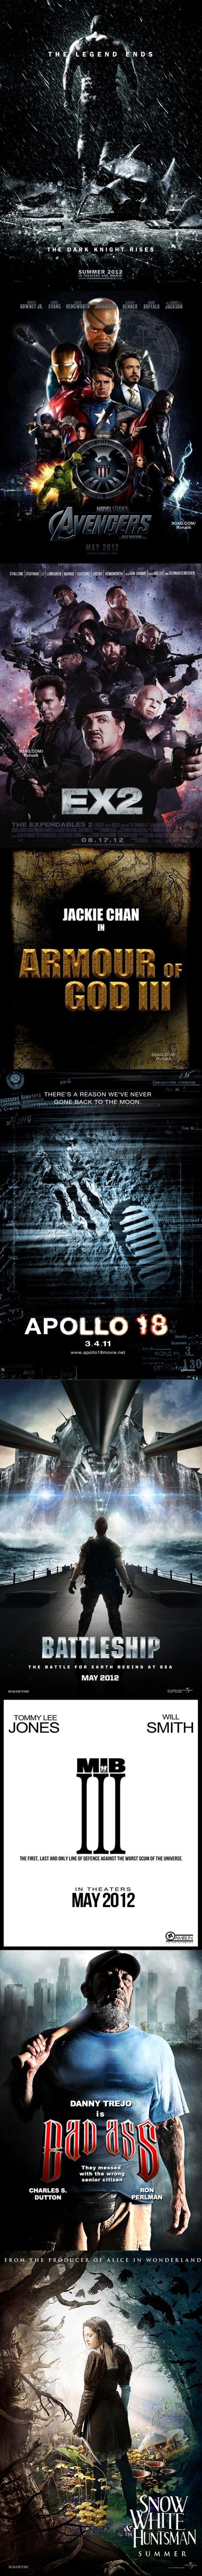 2012-fantastik-sinema-9gag-1